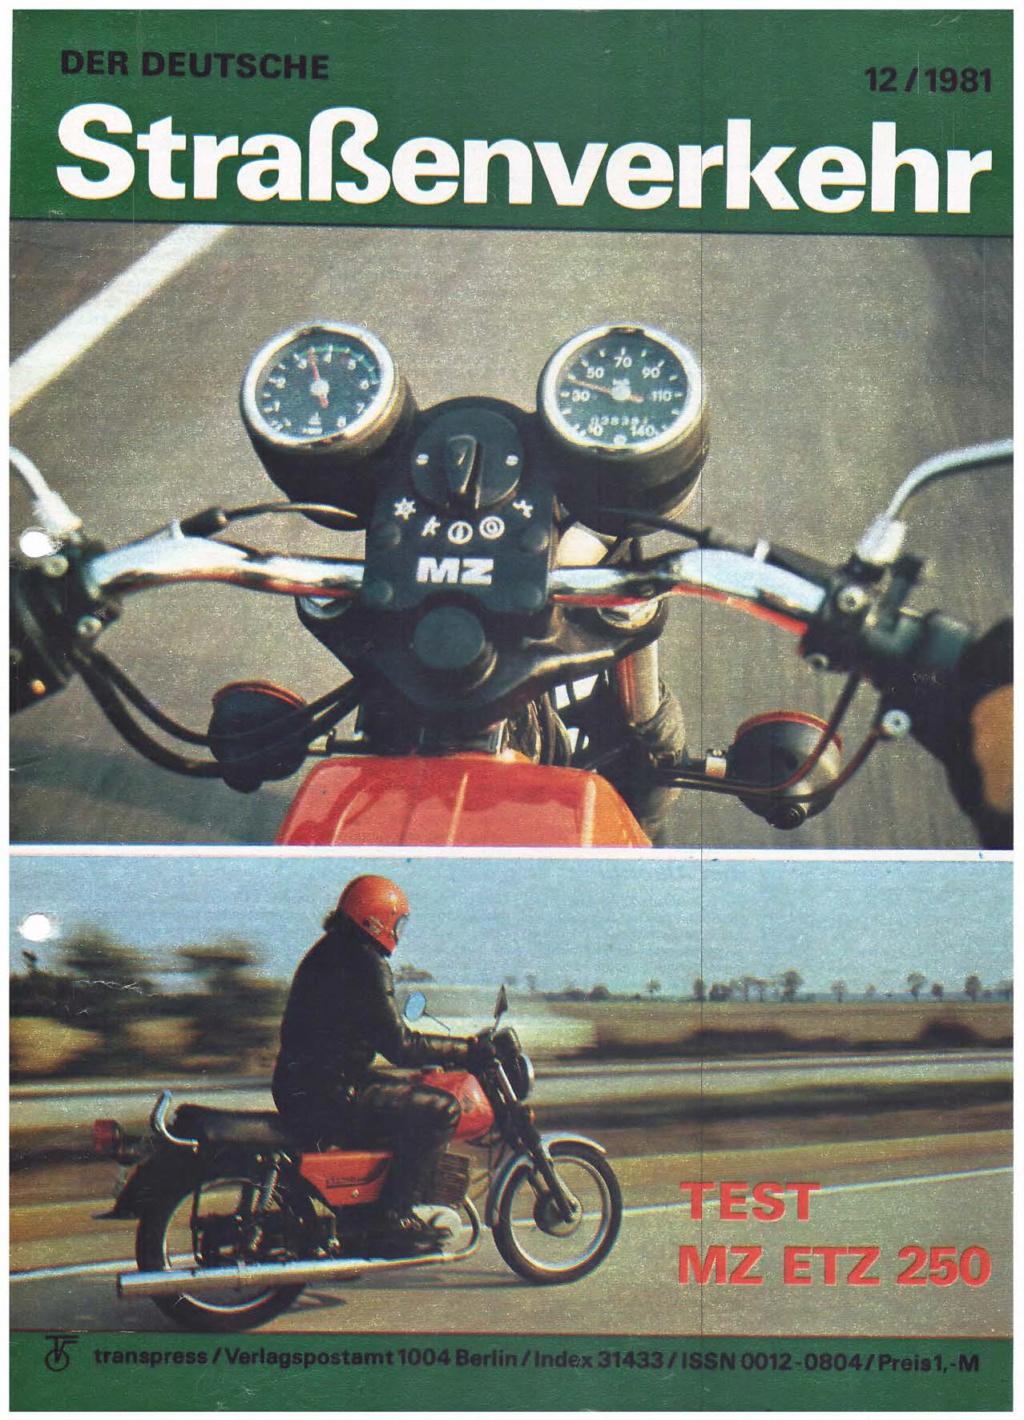 Test ETZ 250 Der deutsche Strassenverkehr, n° 12/1981) Der-de12